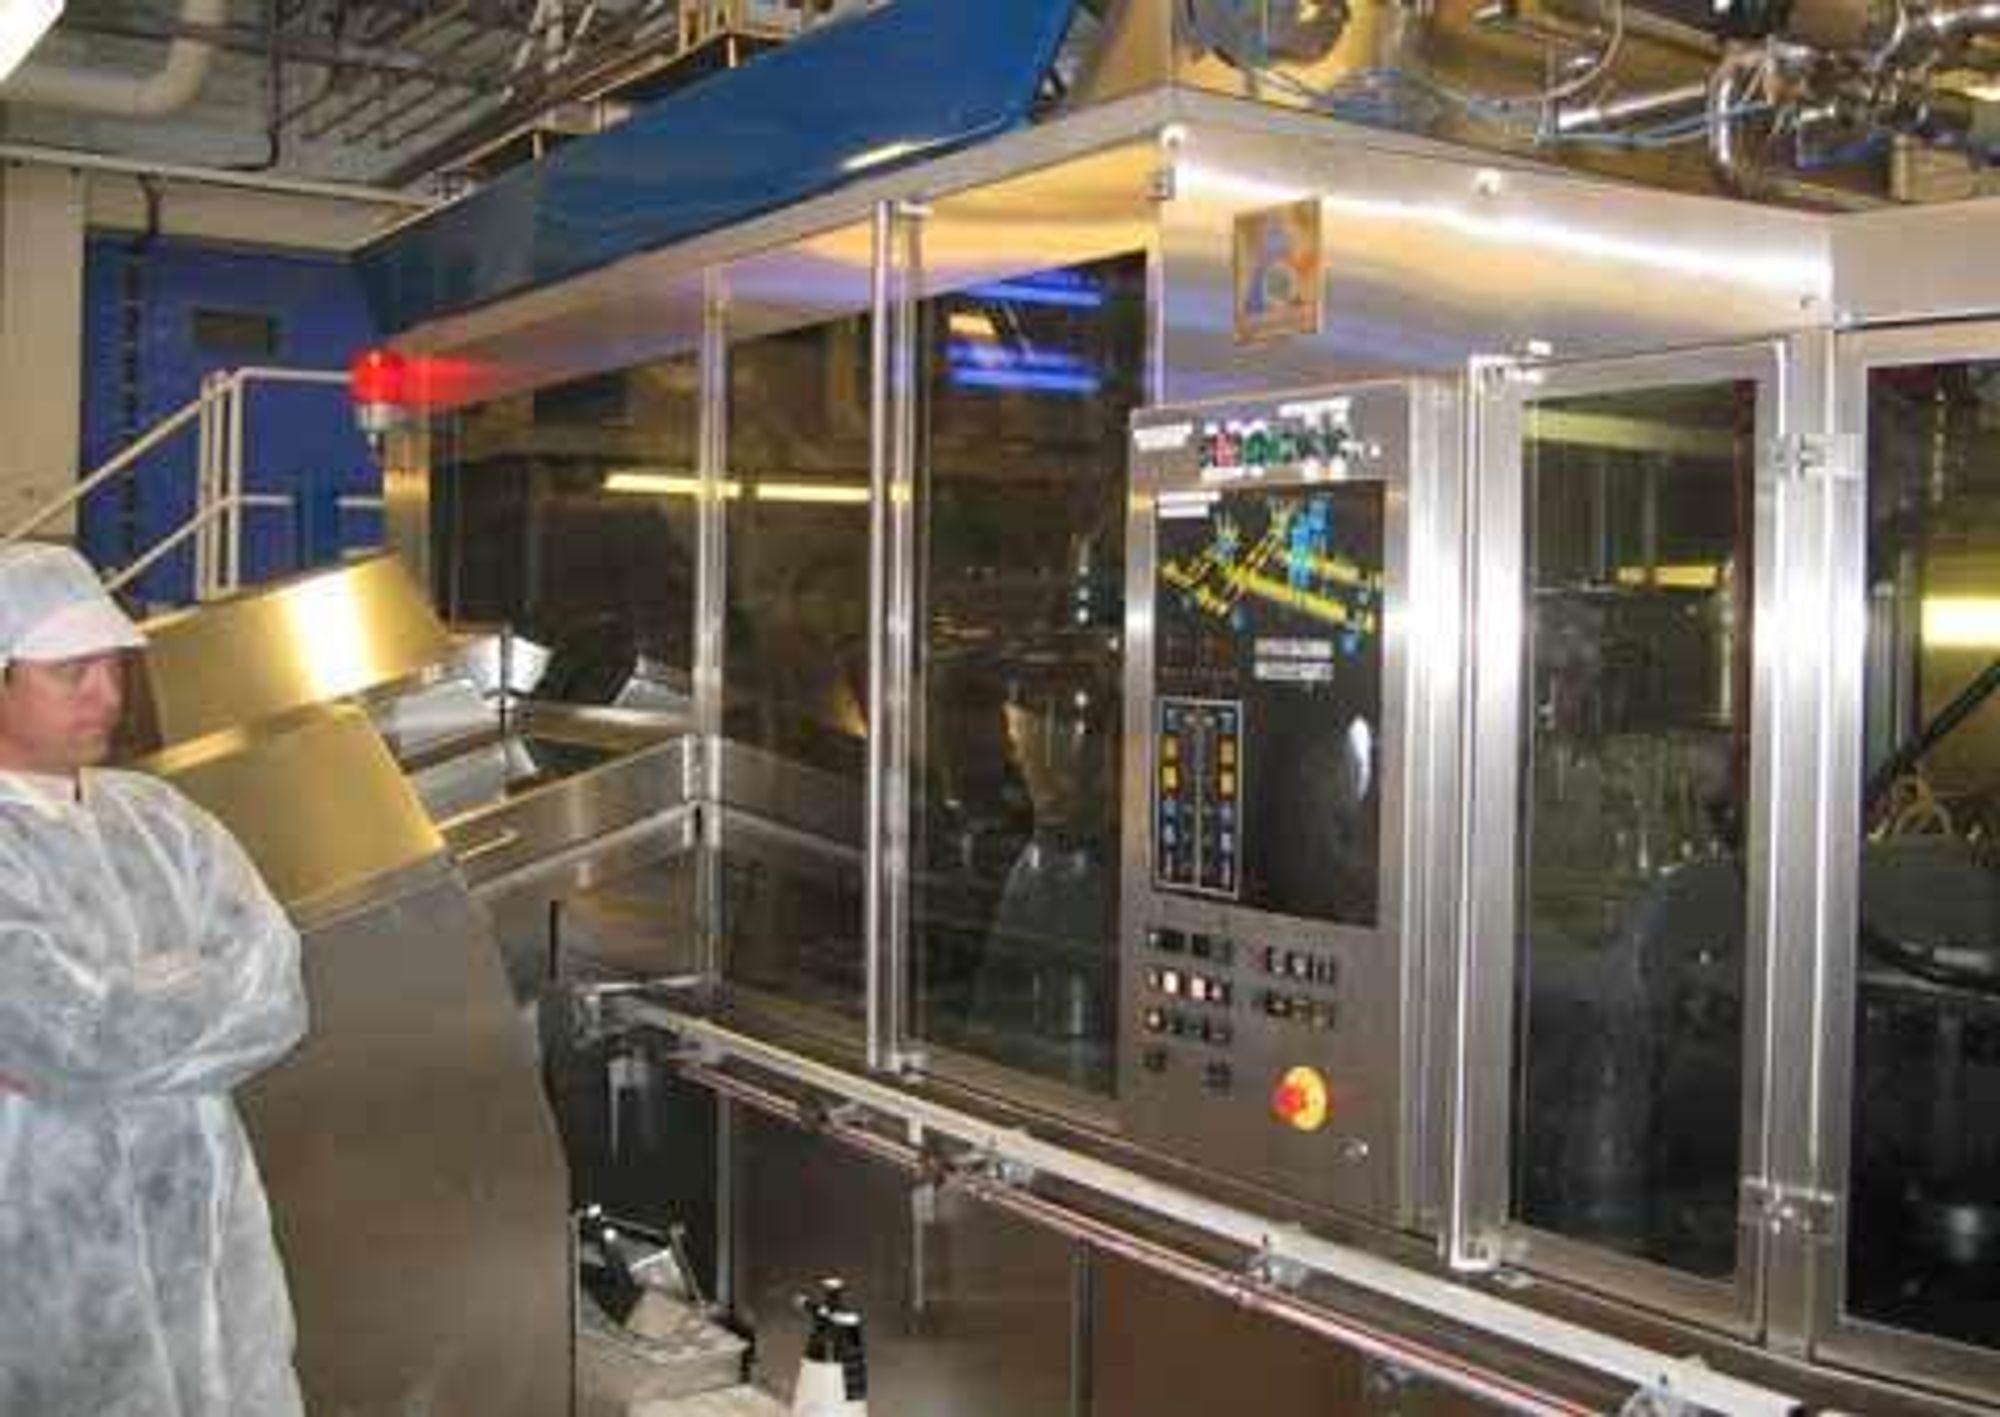 STØTTE Et system for datainnsamling og OEE-beregninger for produksjonslinjer i tapperiet på Tine Vest i Bergen er basert på RSBizWareprodukter fra Rockwell Automation.